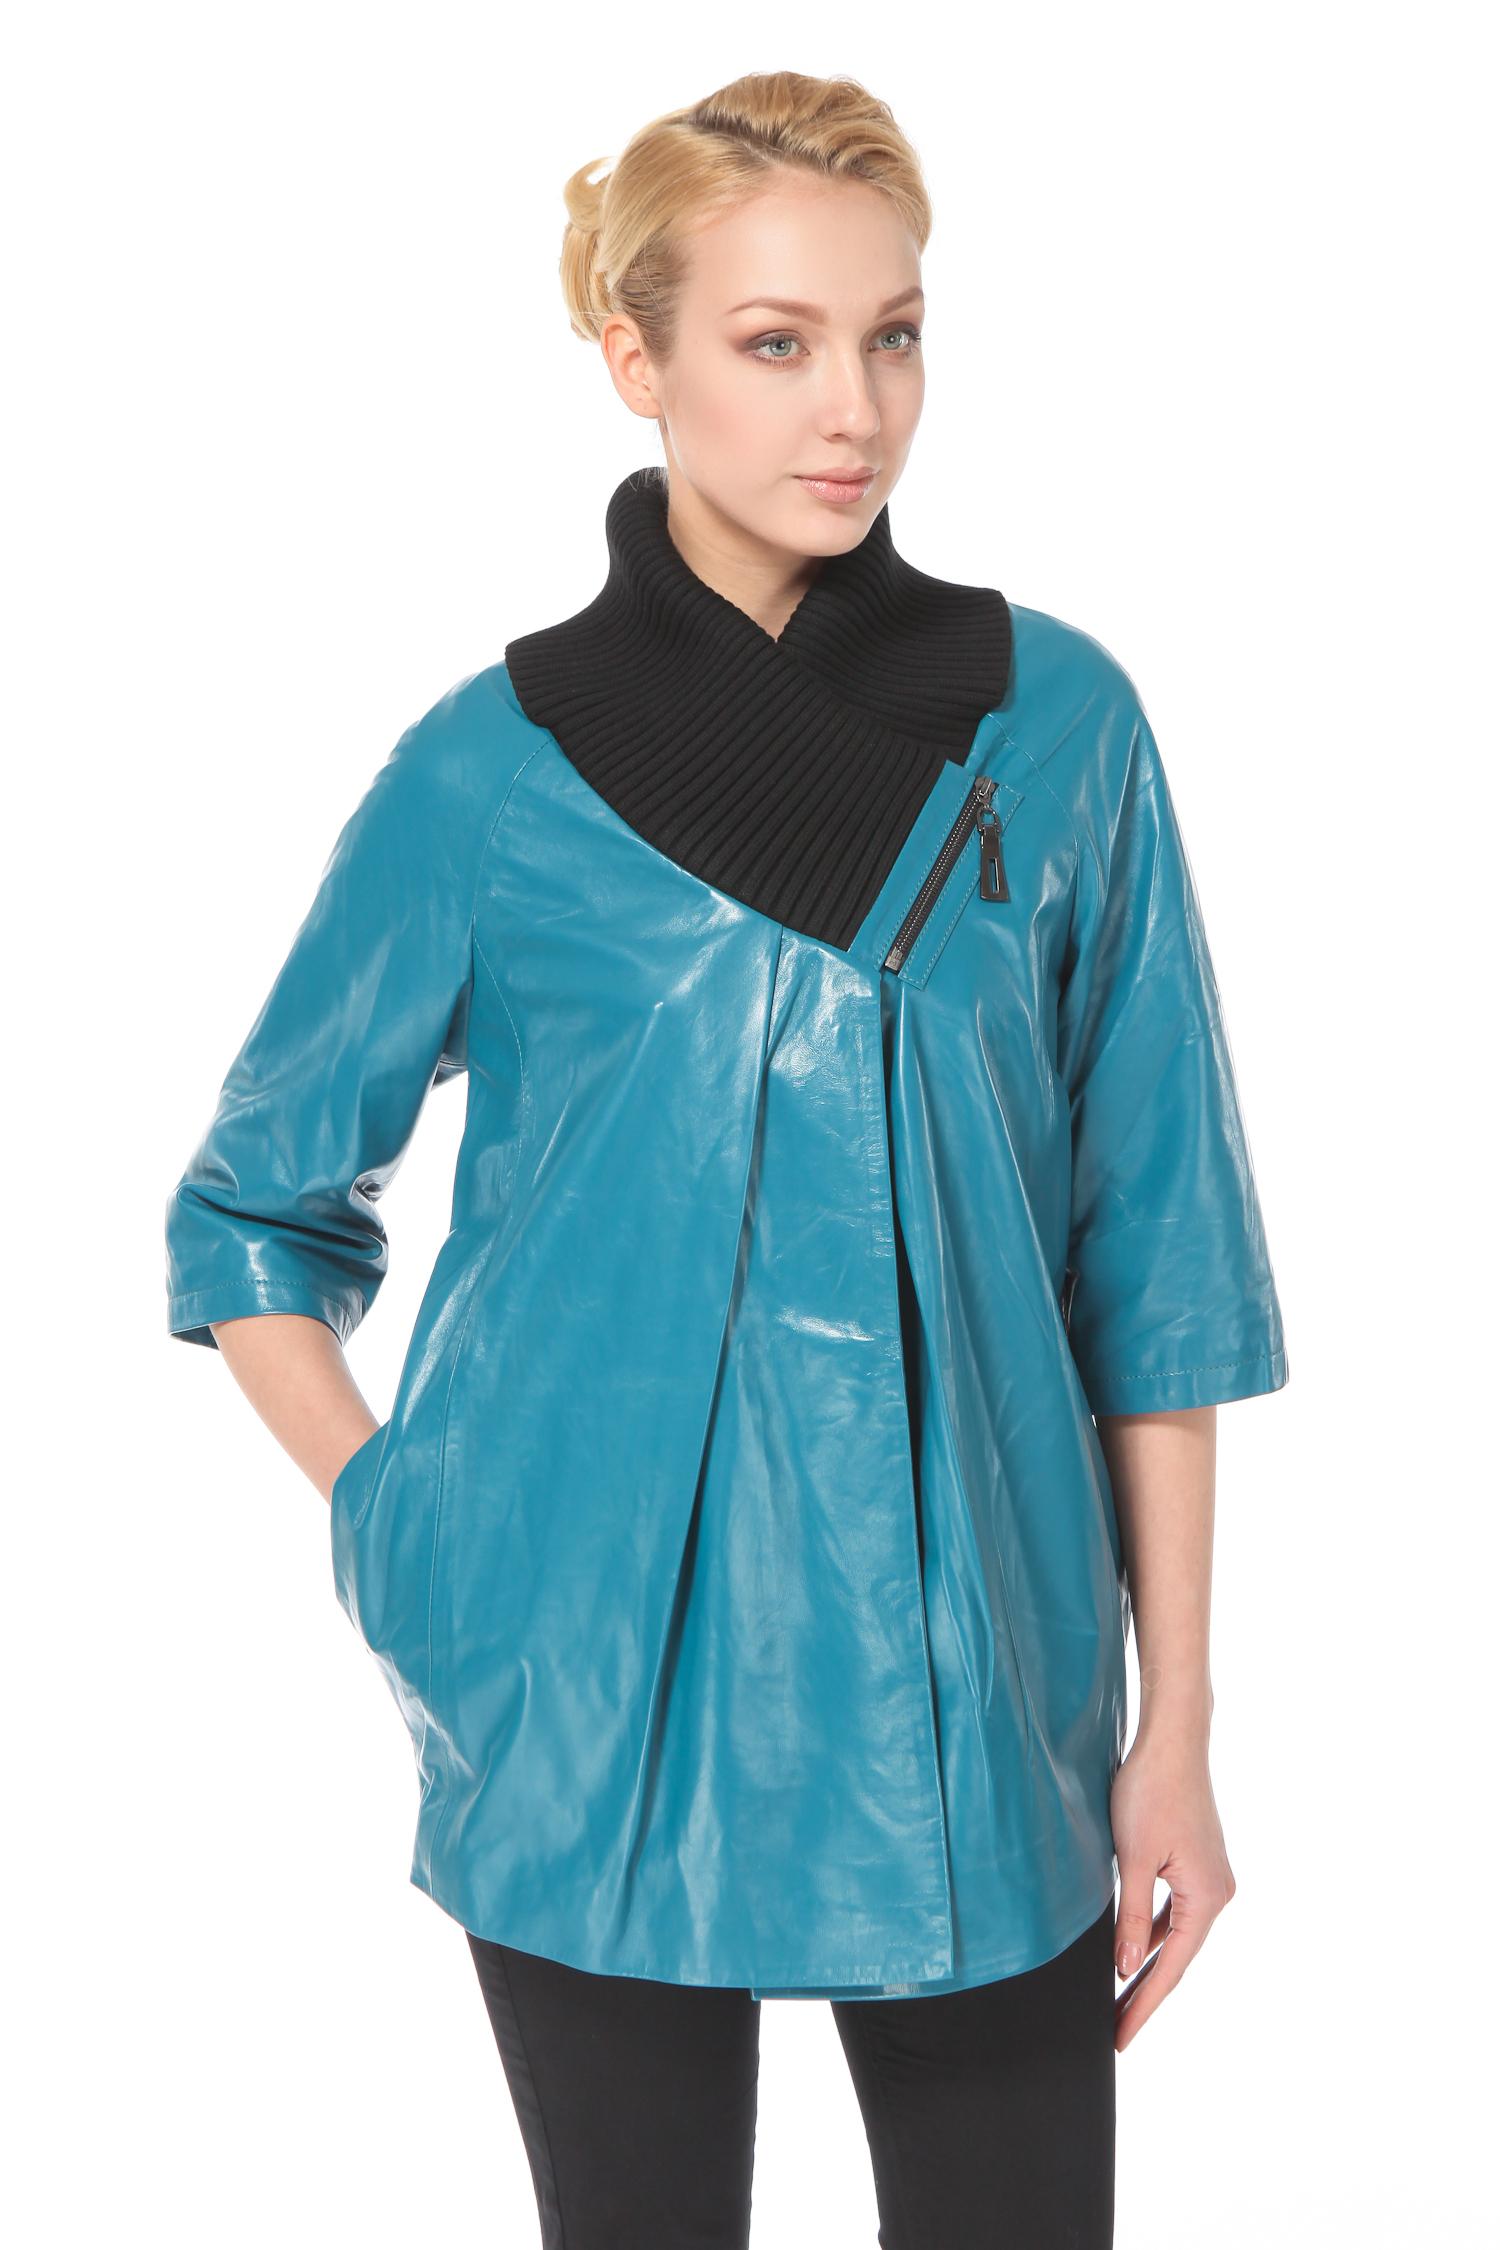 Женская кожаная куртка из натуральной кожи с воротником, без отделки<br><br>Воротник: стойка<br>Длина см: Средняя (75-89 )<br>Материал: Кожа овчина<br>Цвет: голубой<br>Вид застежки: косая<br>Застежка: комбинированная<br>Пол: Женский<br>Размер RU: 46